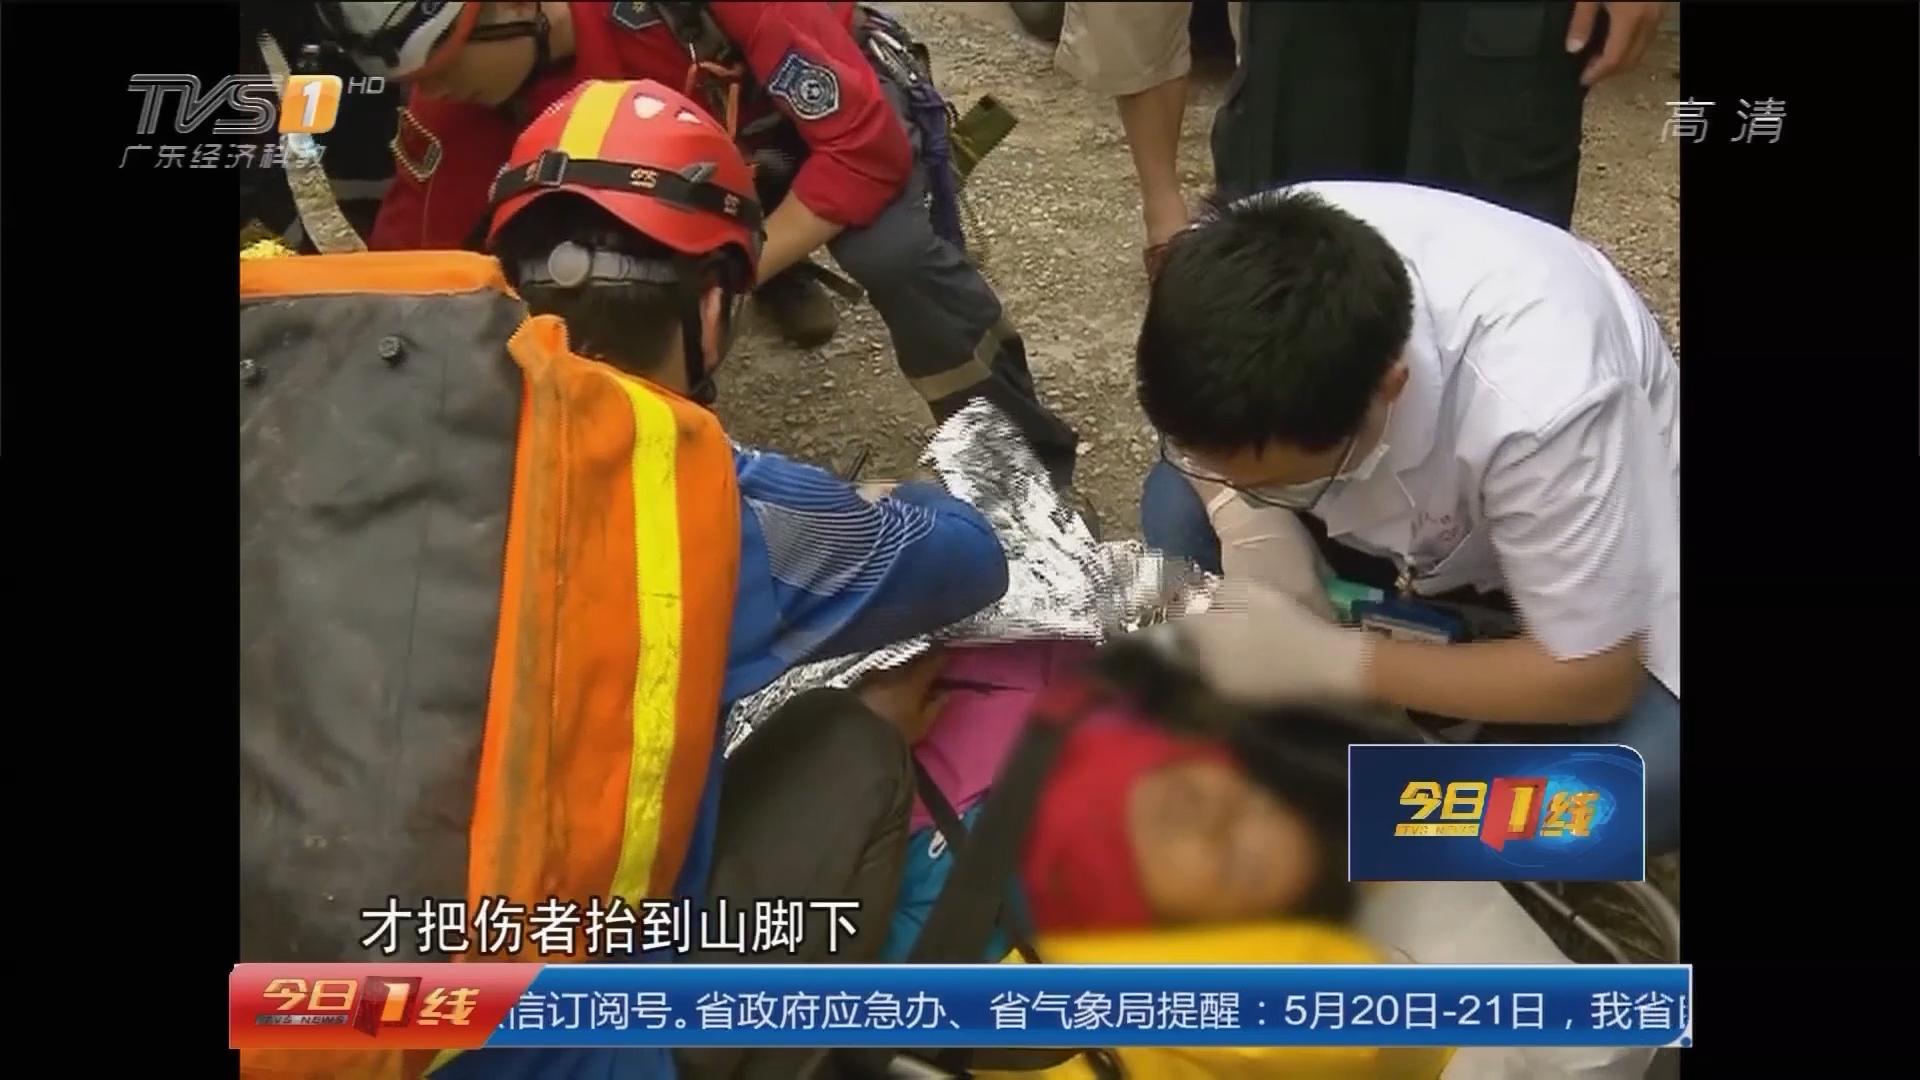 深圳:女子登山坠崖 多方展开生死营救